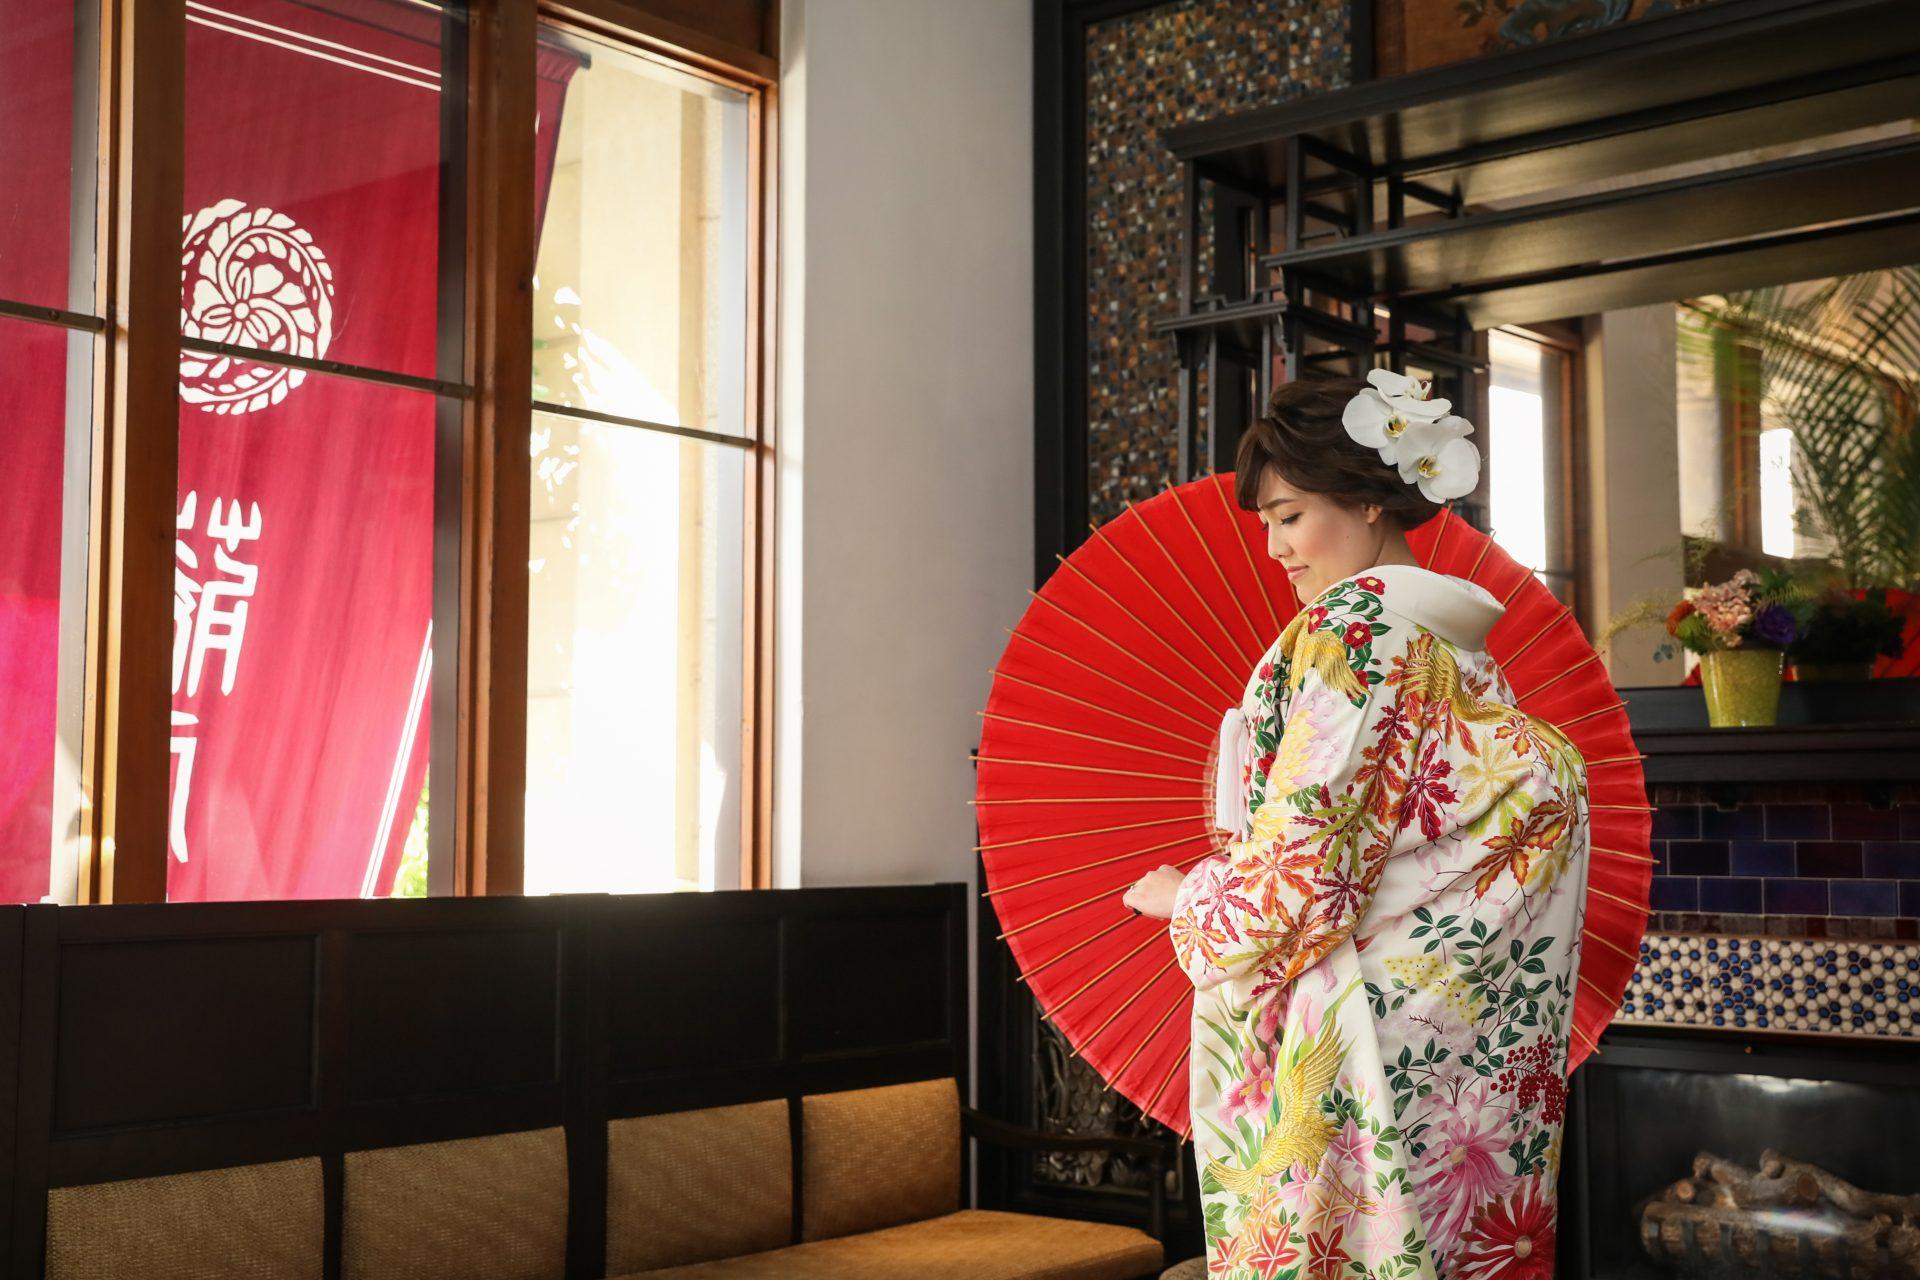 アールデコ様式美が圧巻の藤屋御本陳エントランスで秋らしい色打掛とダイナミックな胡蝶蘭をヘッドピースに使用したご新婦様